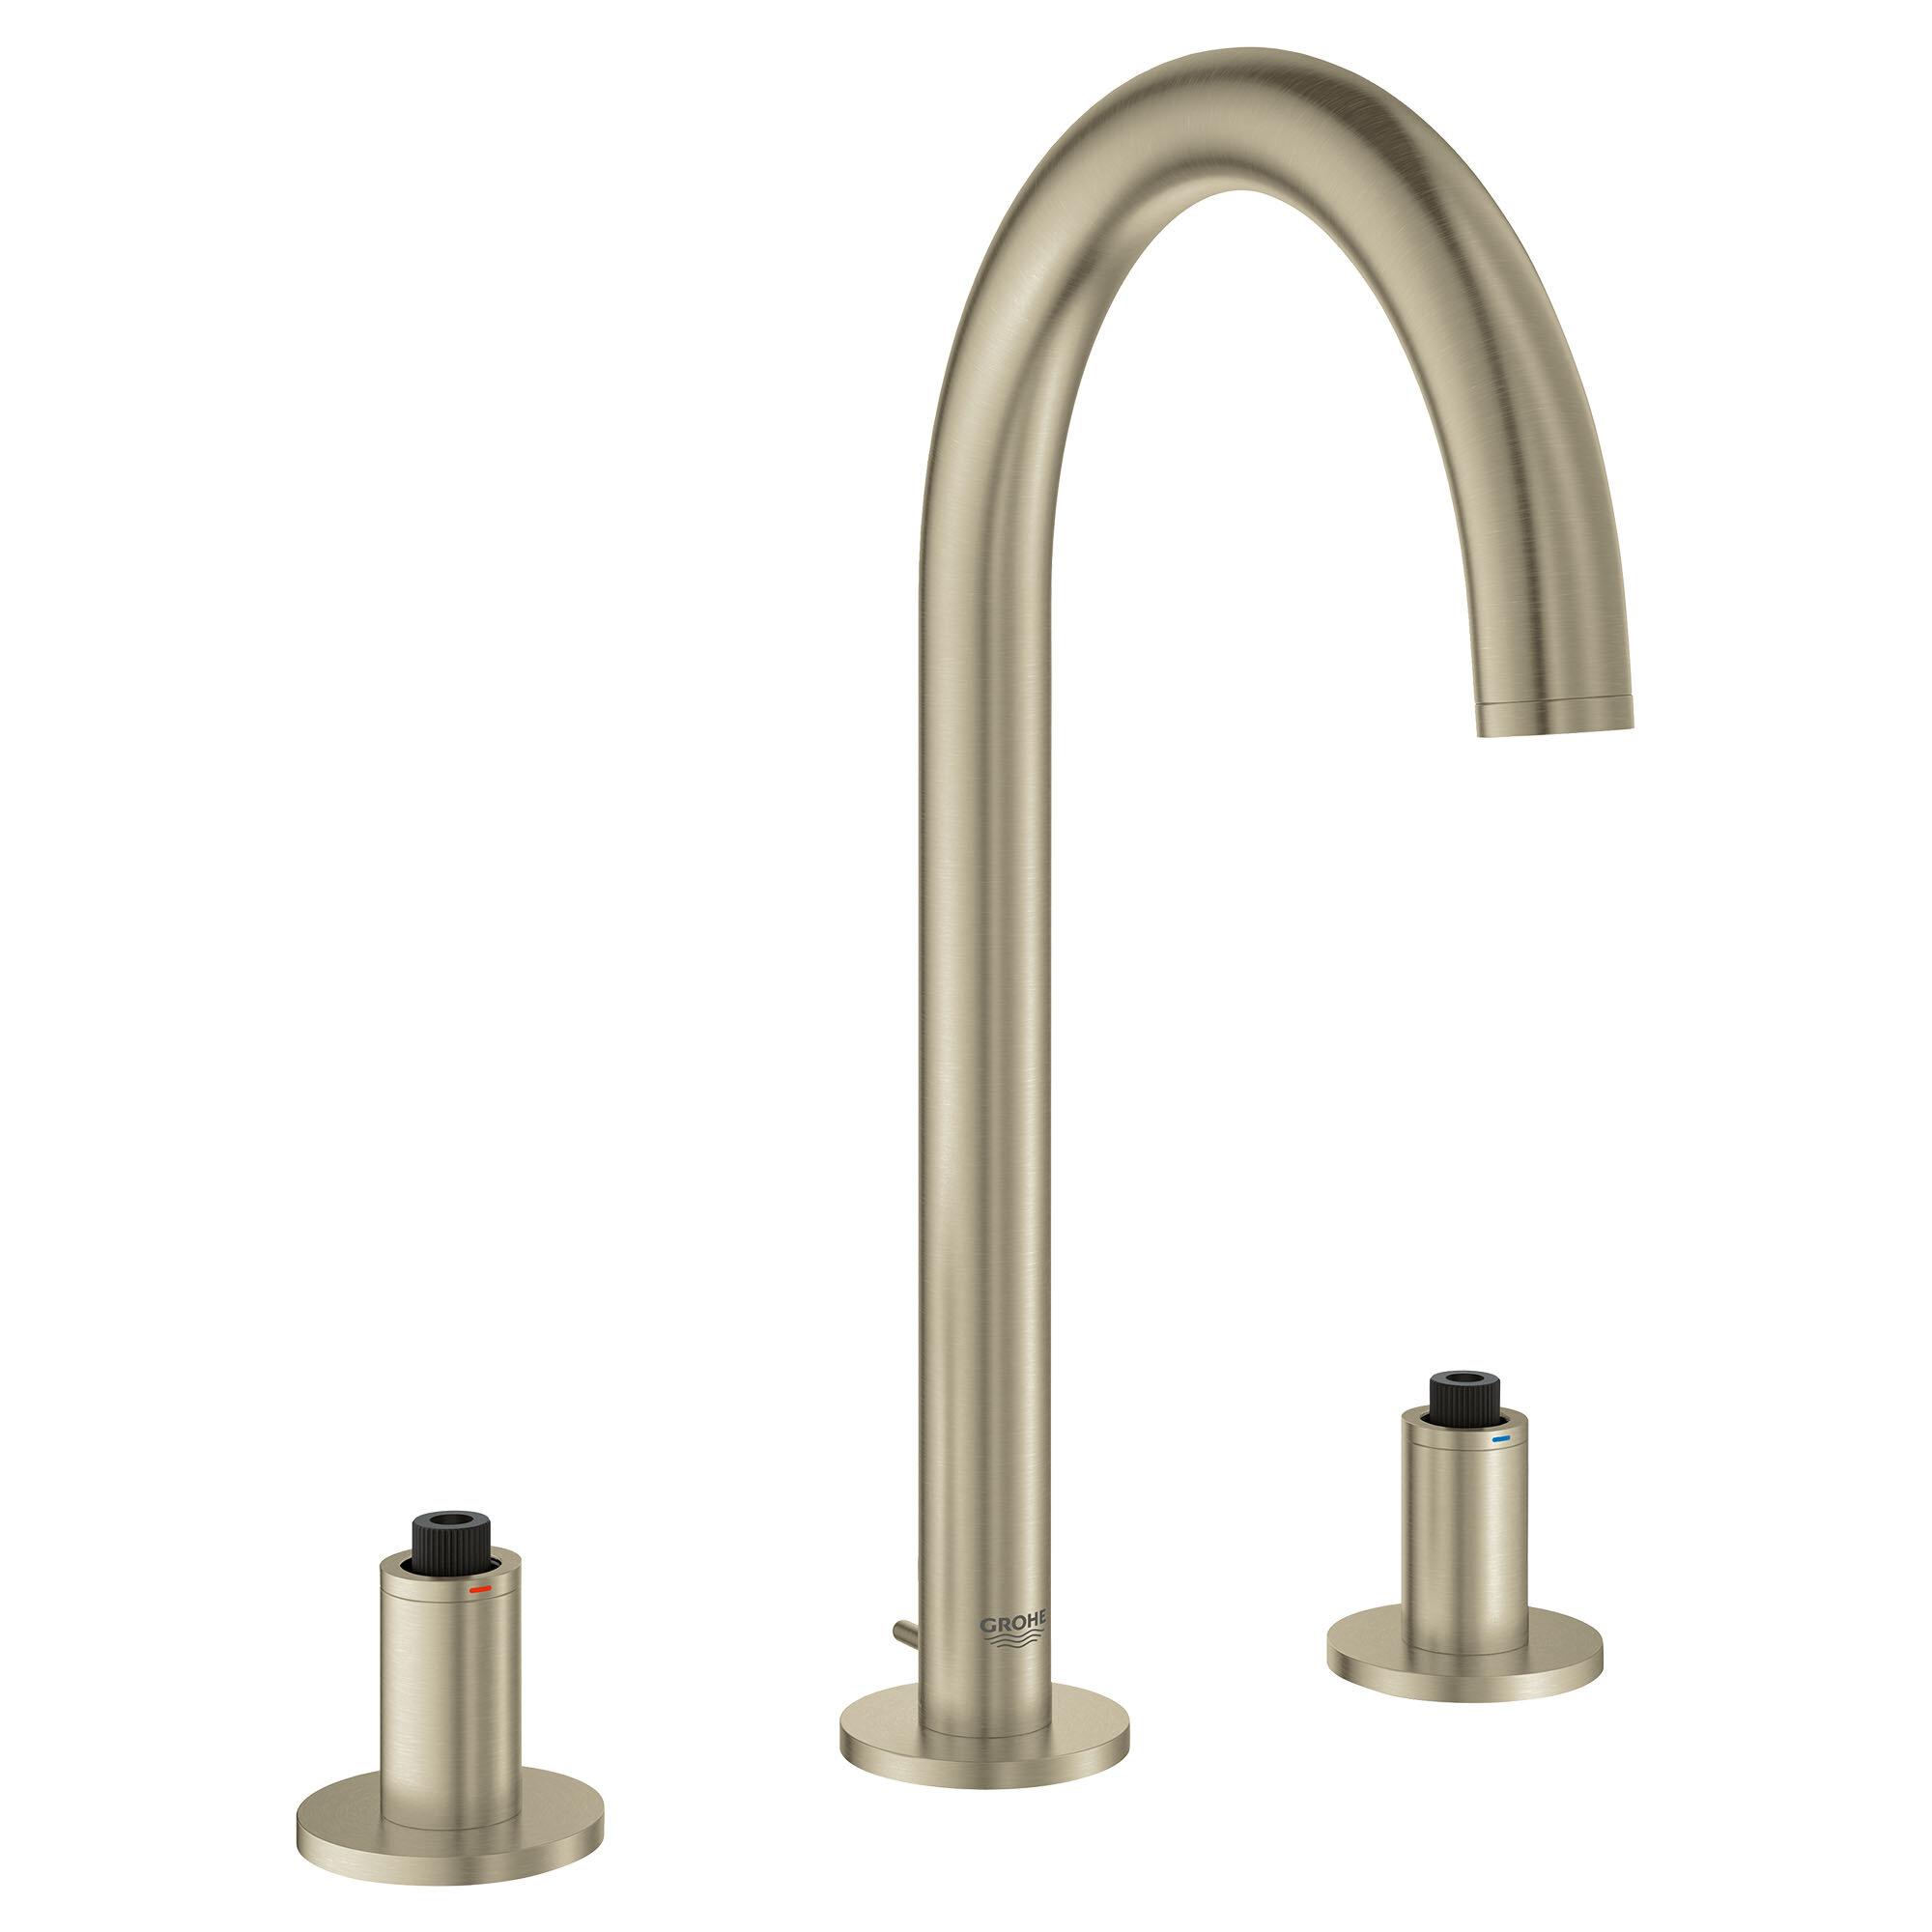 Grohe Atrio Two Handle Widespread Bathroom Sink Faucets Wayfair